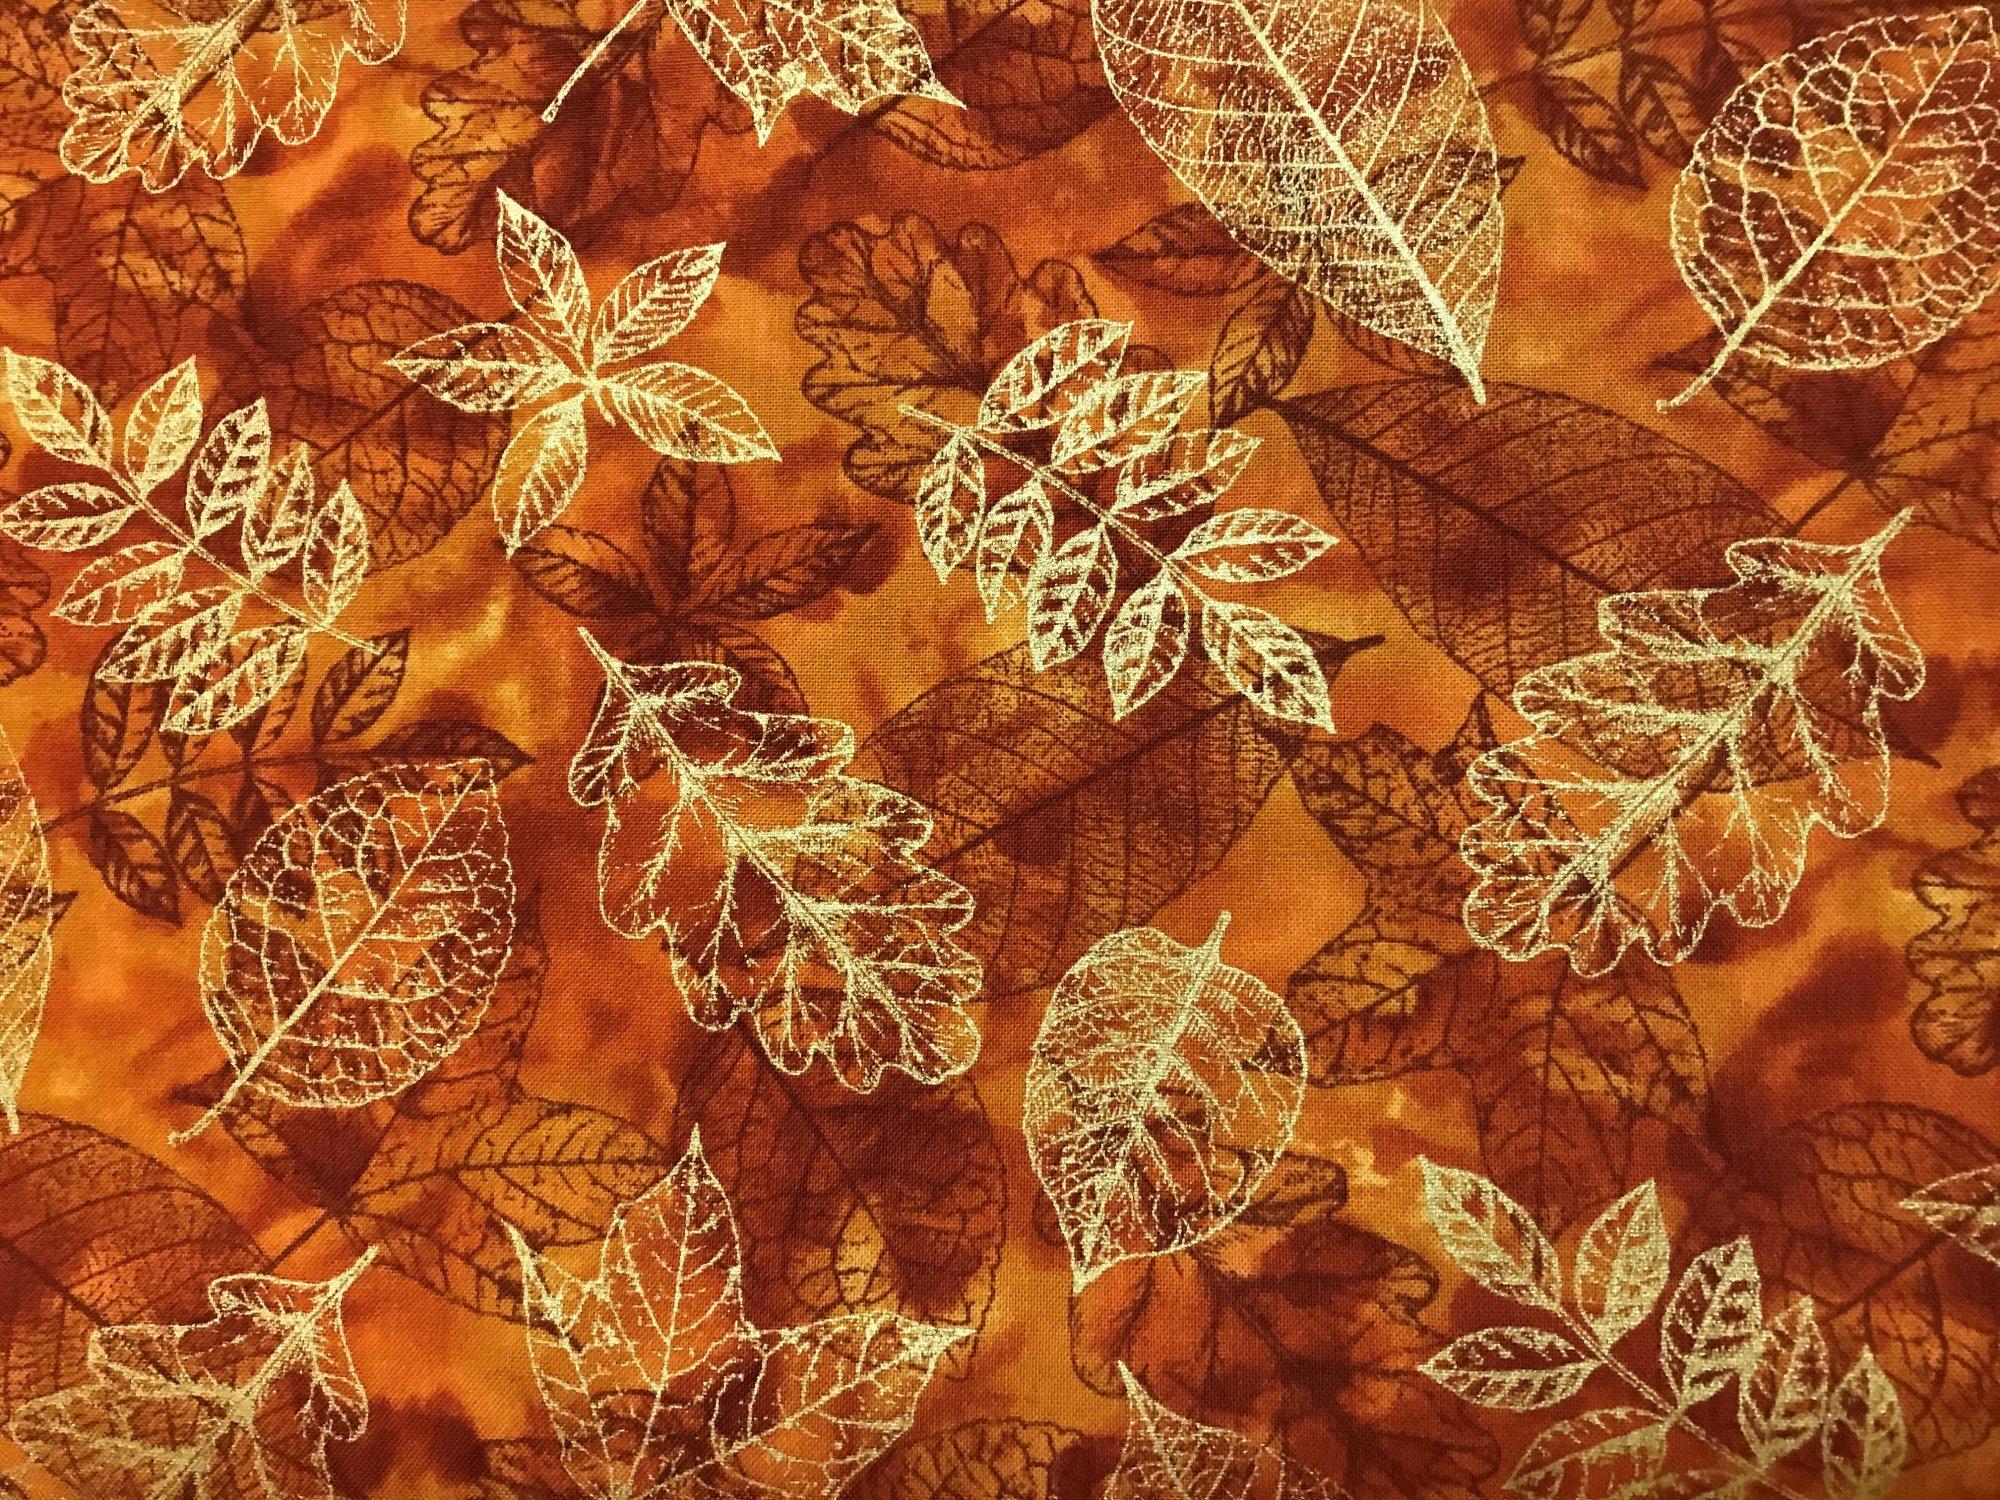 Fall Harvest Rust Leaves CM7276 metallic